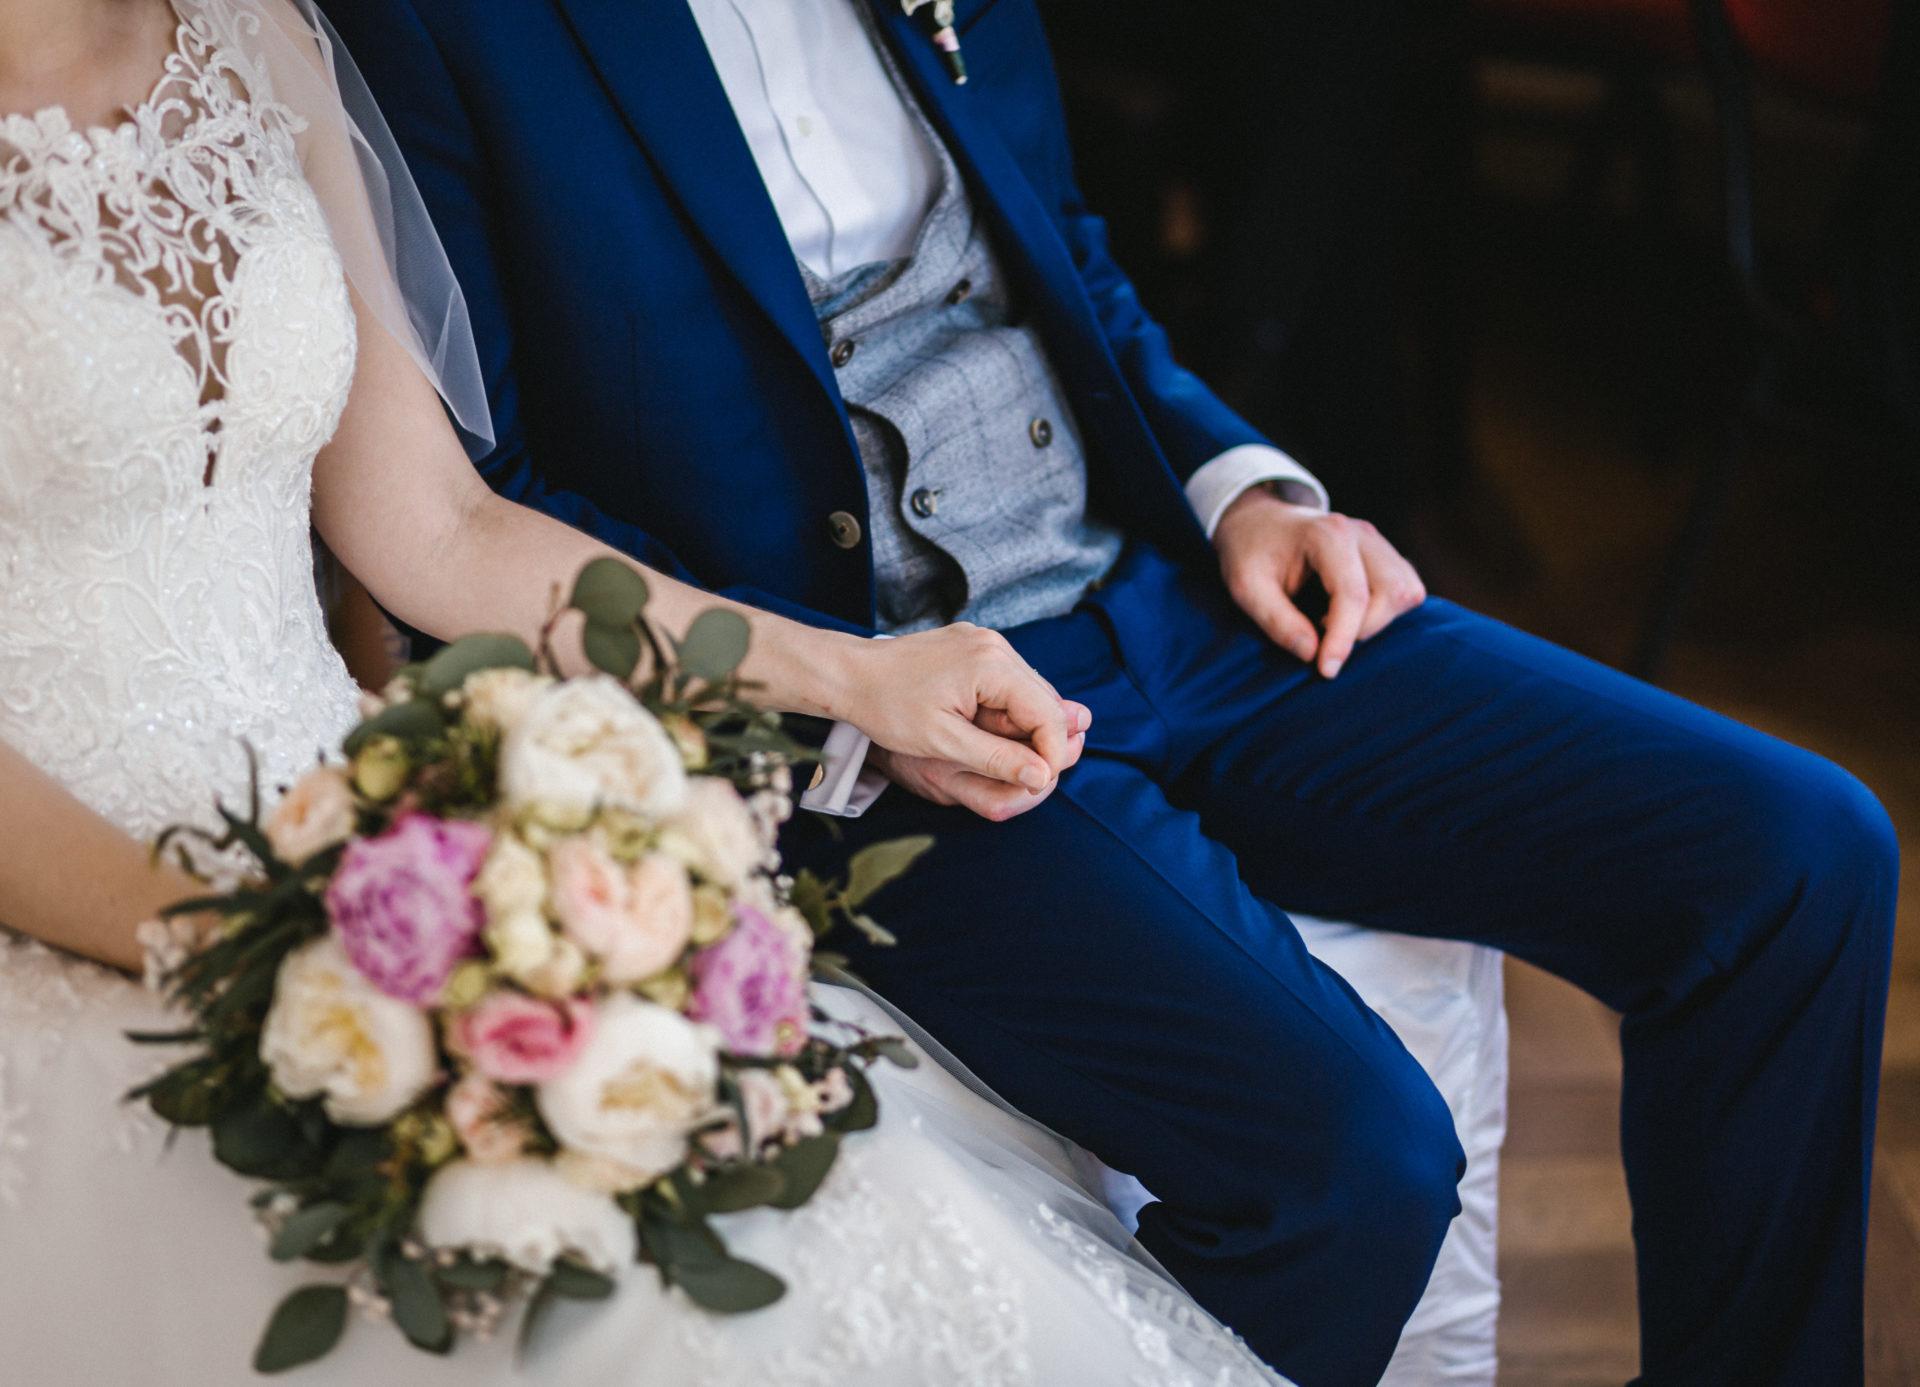 Hochzeitsreportage | Freie Trauung im Herrenhaus Möckern in Leipzig | 16